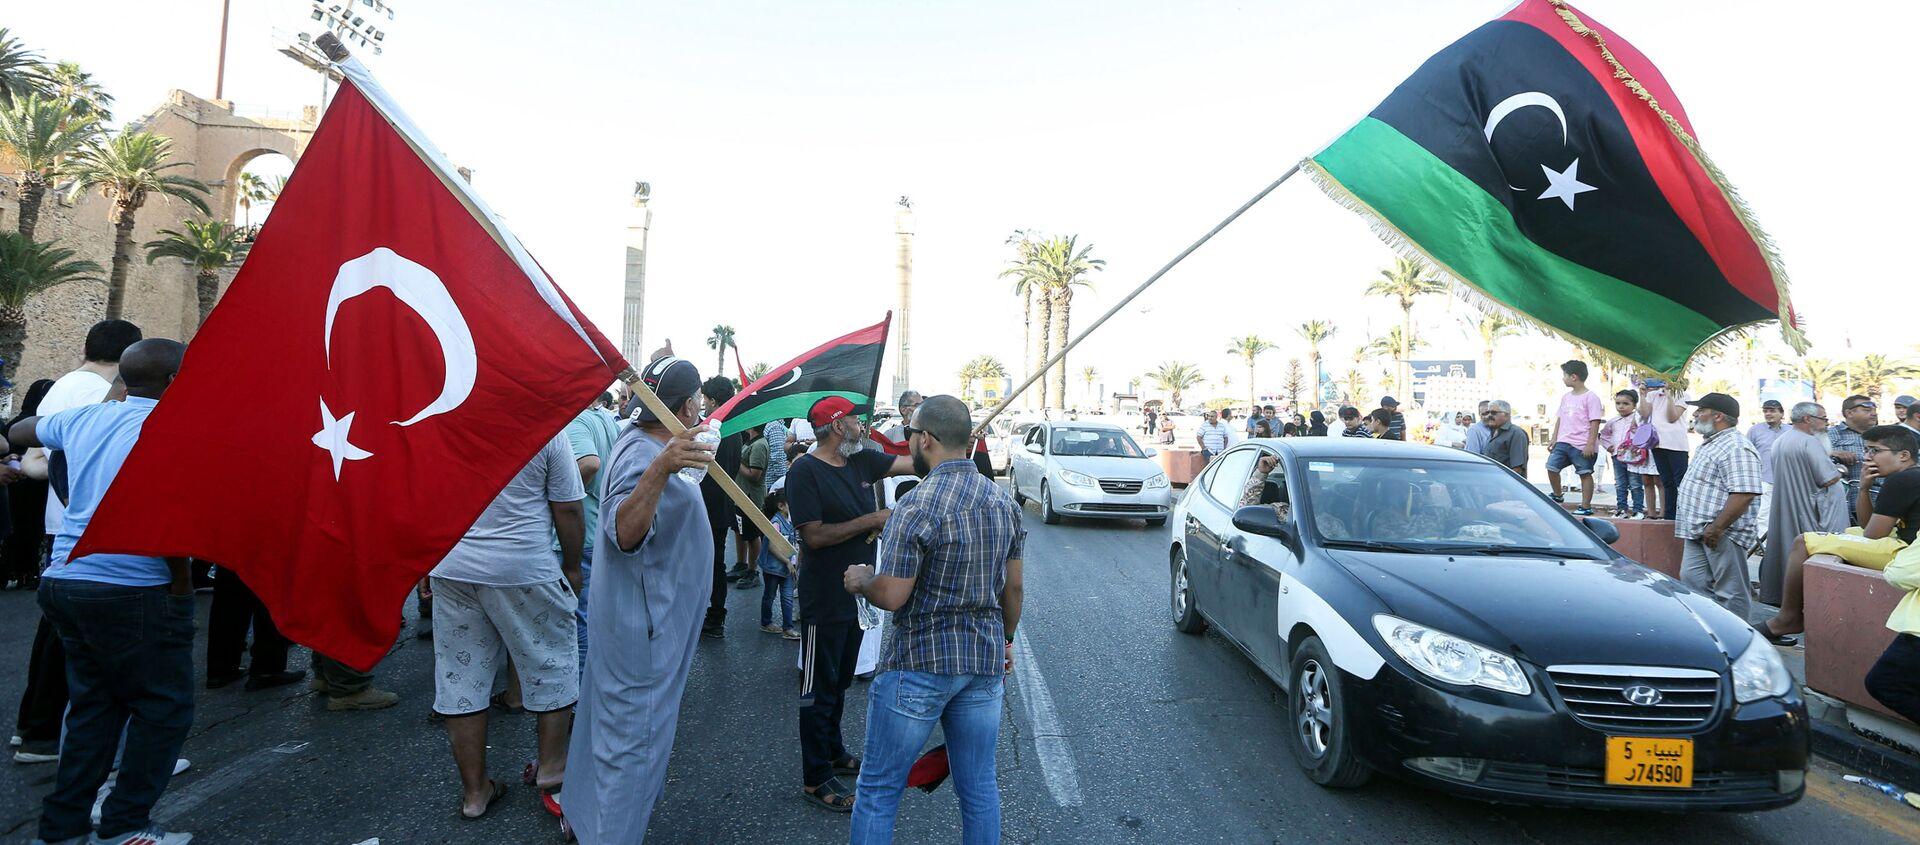 Люди машут флагами Ливии и Турции во время демонстрации на площади Мучеников в центре ливийской столицы Триполи - Sputnik Абхазия, 1920, 24.07.2020